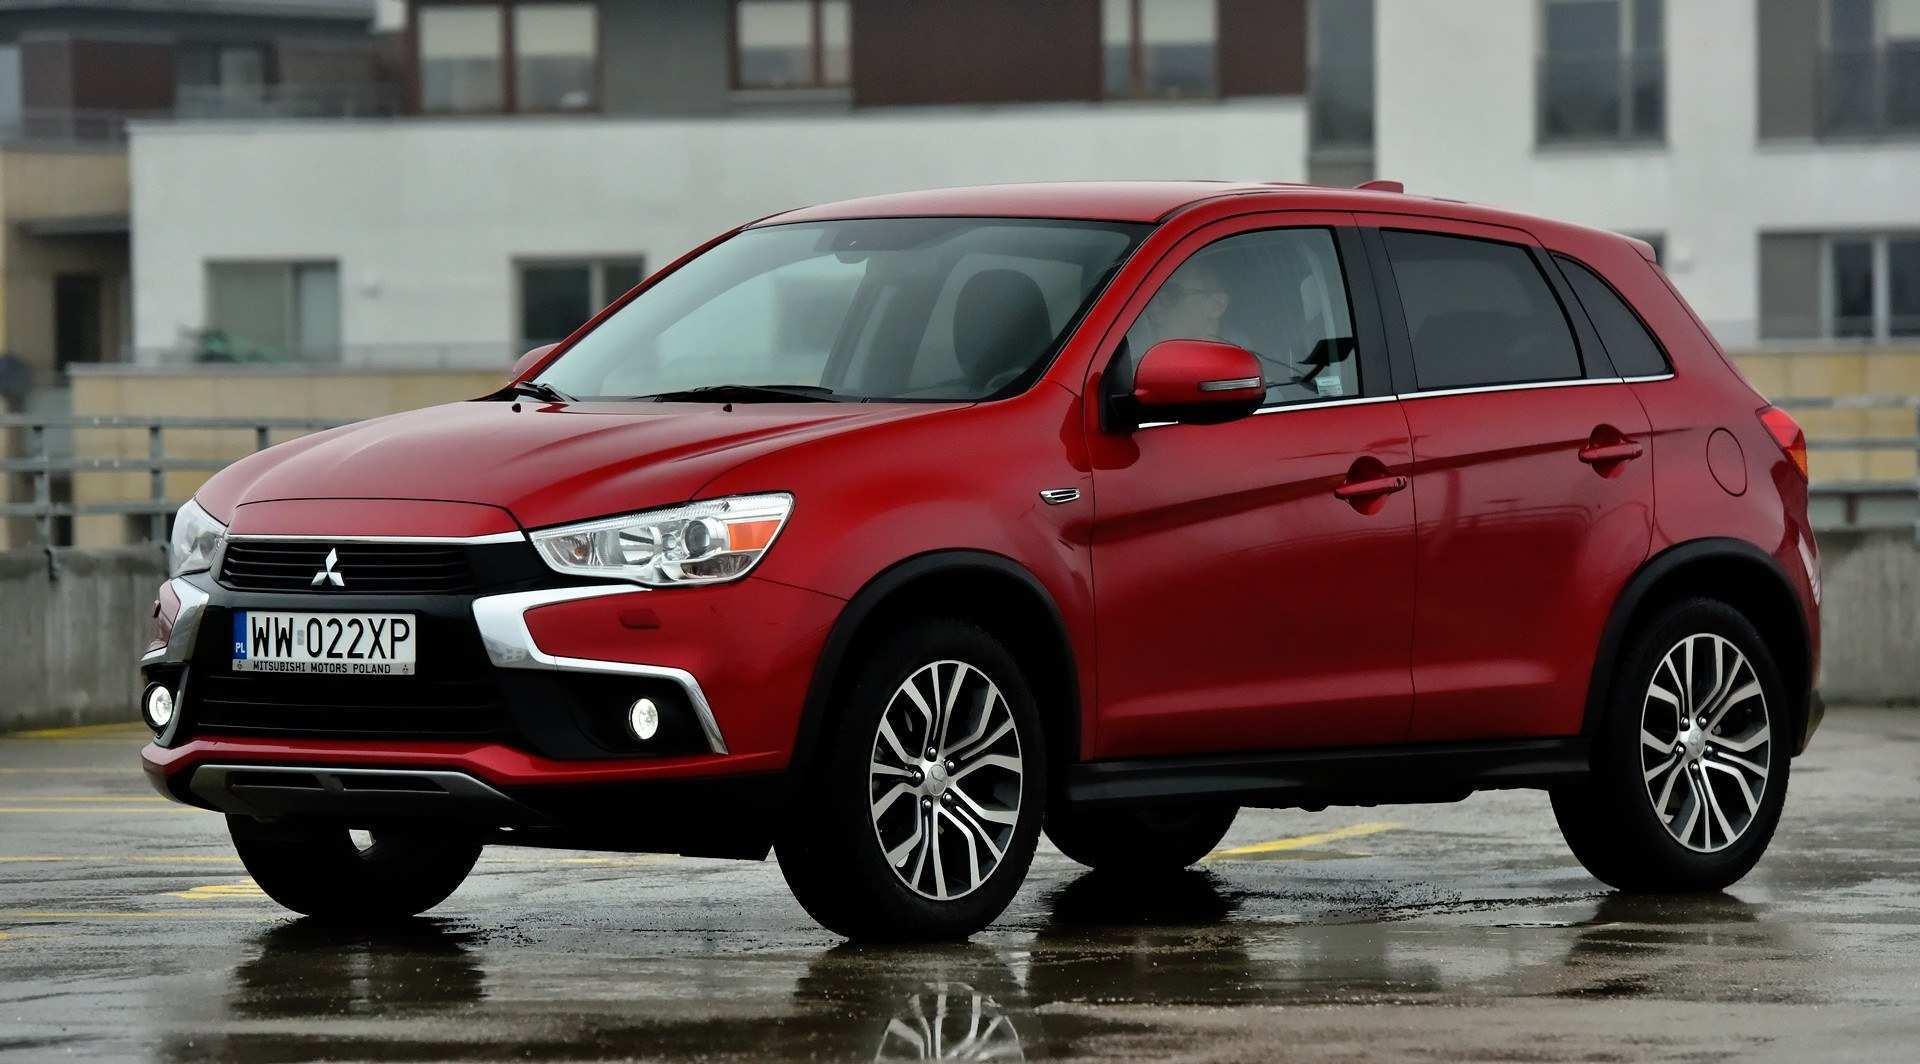 67 Concept of Mitsubishi Asx 2020 Dane Techniczne Pictures for Mitsubishi Asx 2020 Dane Techniczne